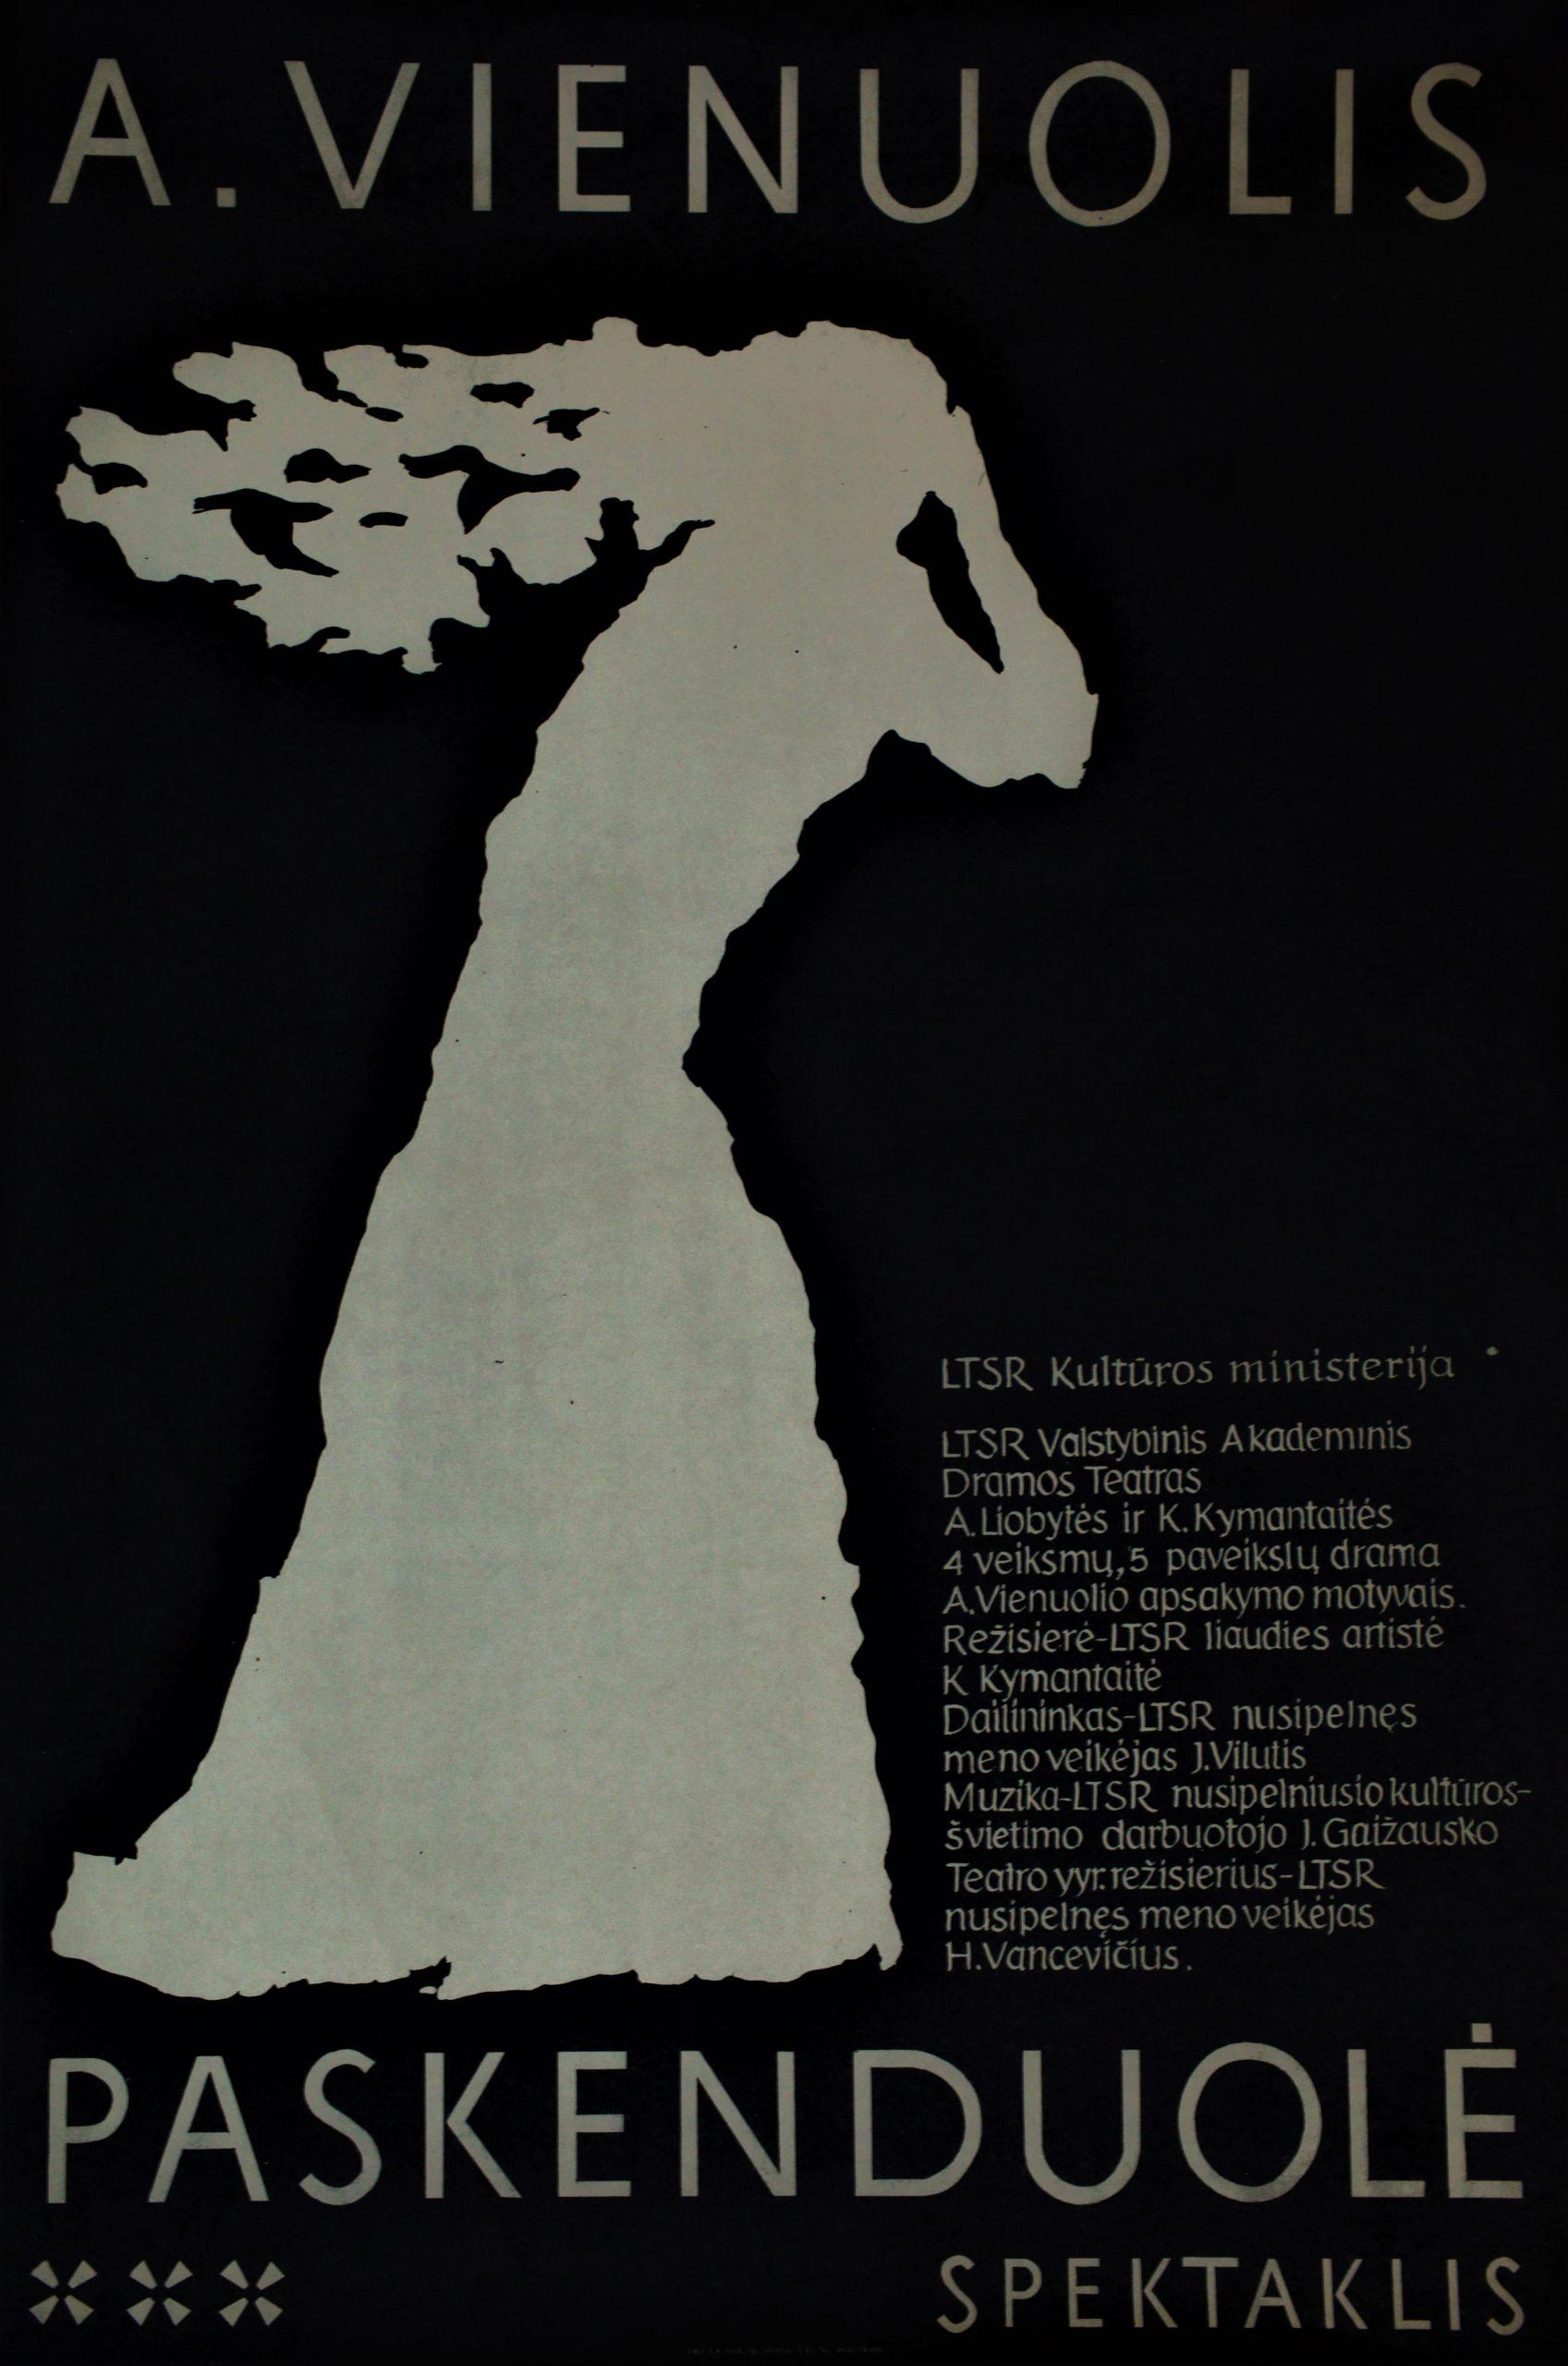 """A. Vienuolis """"Paskenduolė"""", režisierė K. Kymantaitė, LTSR Valstybinis akademinis dramos teatras"""